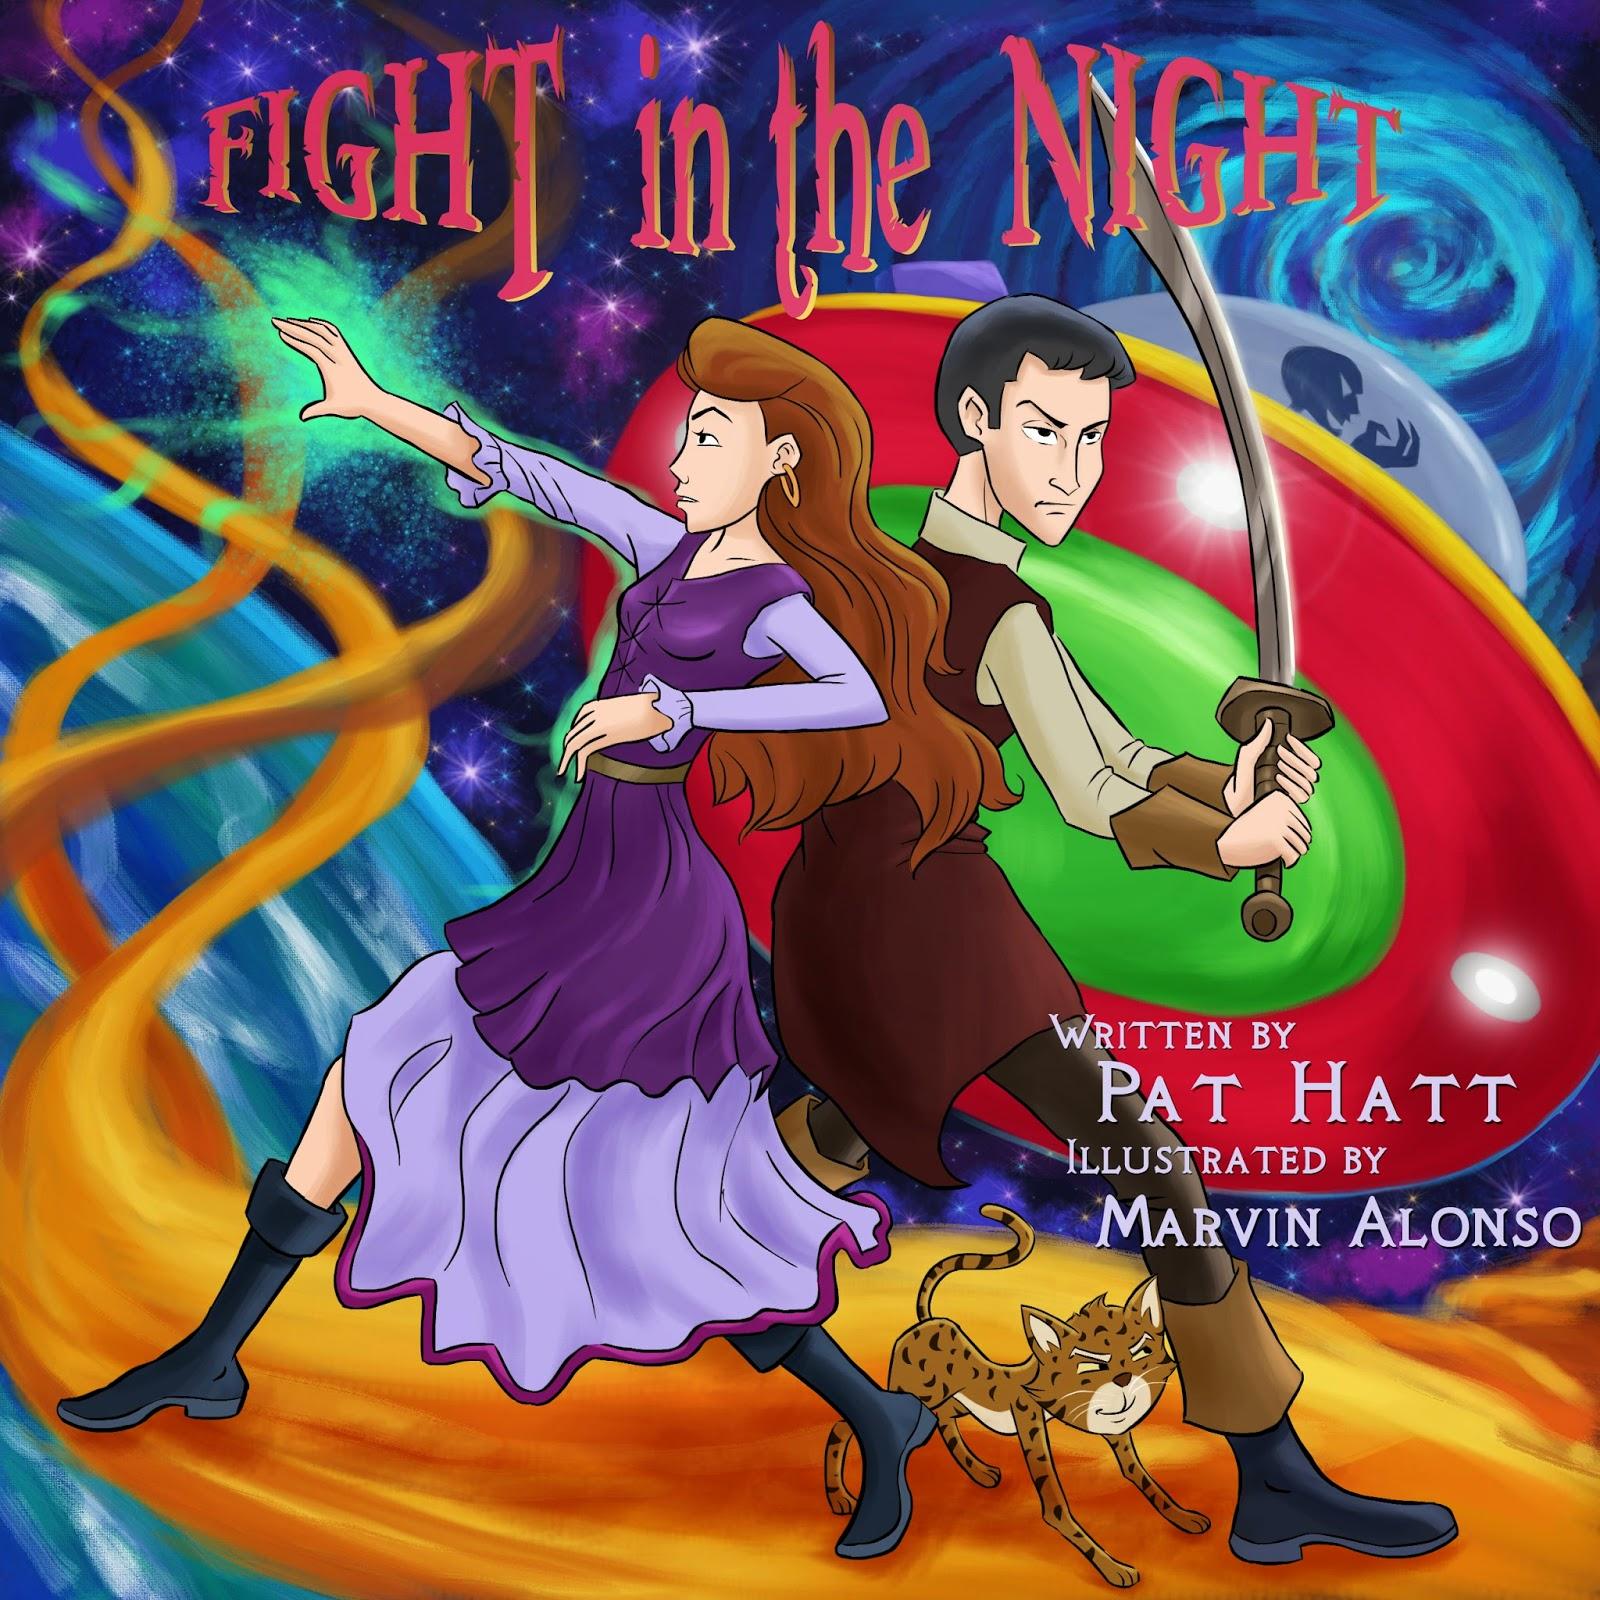 http://www.amazon.com/Fight-Night-Pat-Hatt-ebook/dp/B00I3HIC3E/ref=sr_1_2?ie=UTF8&qid=1391444364&sr=8-2&keywords=pat+hatt